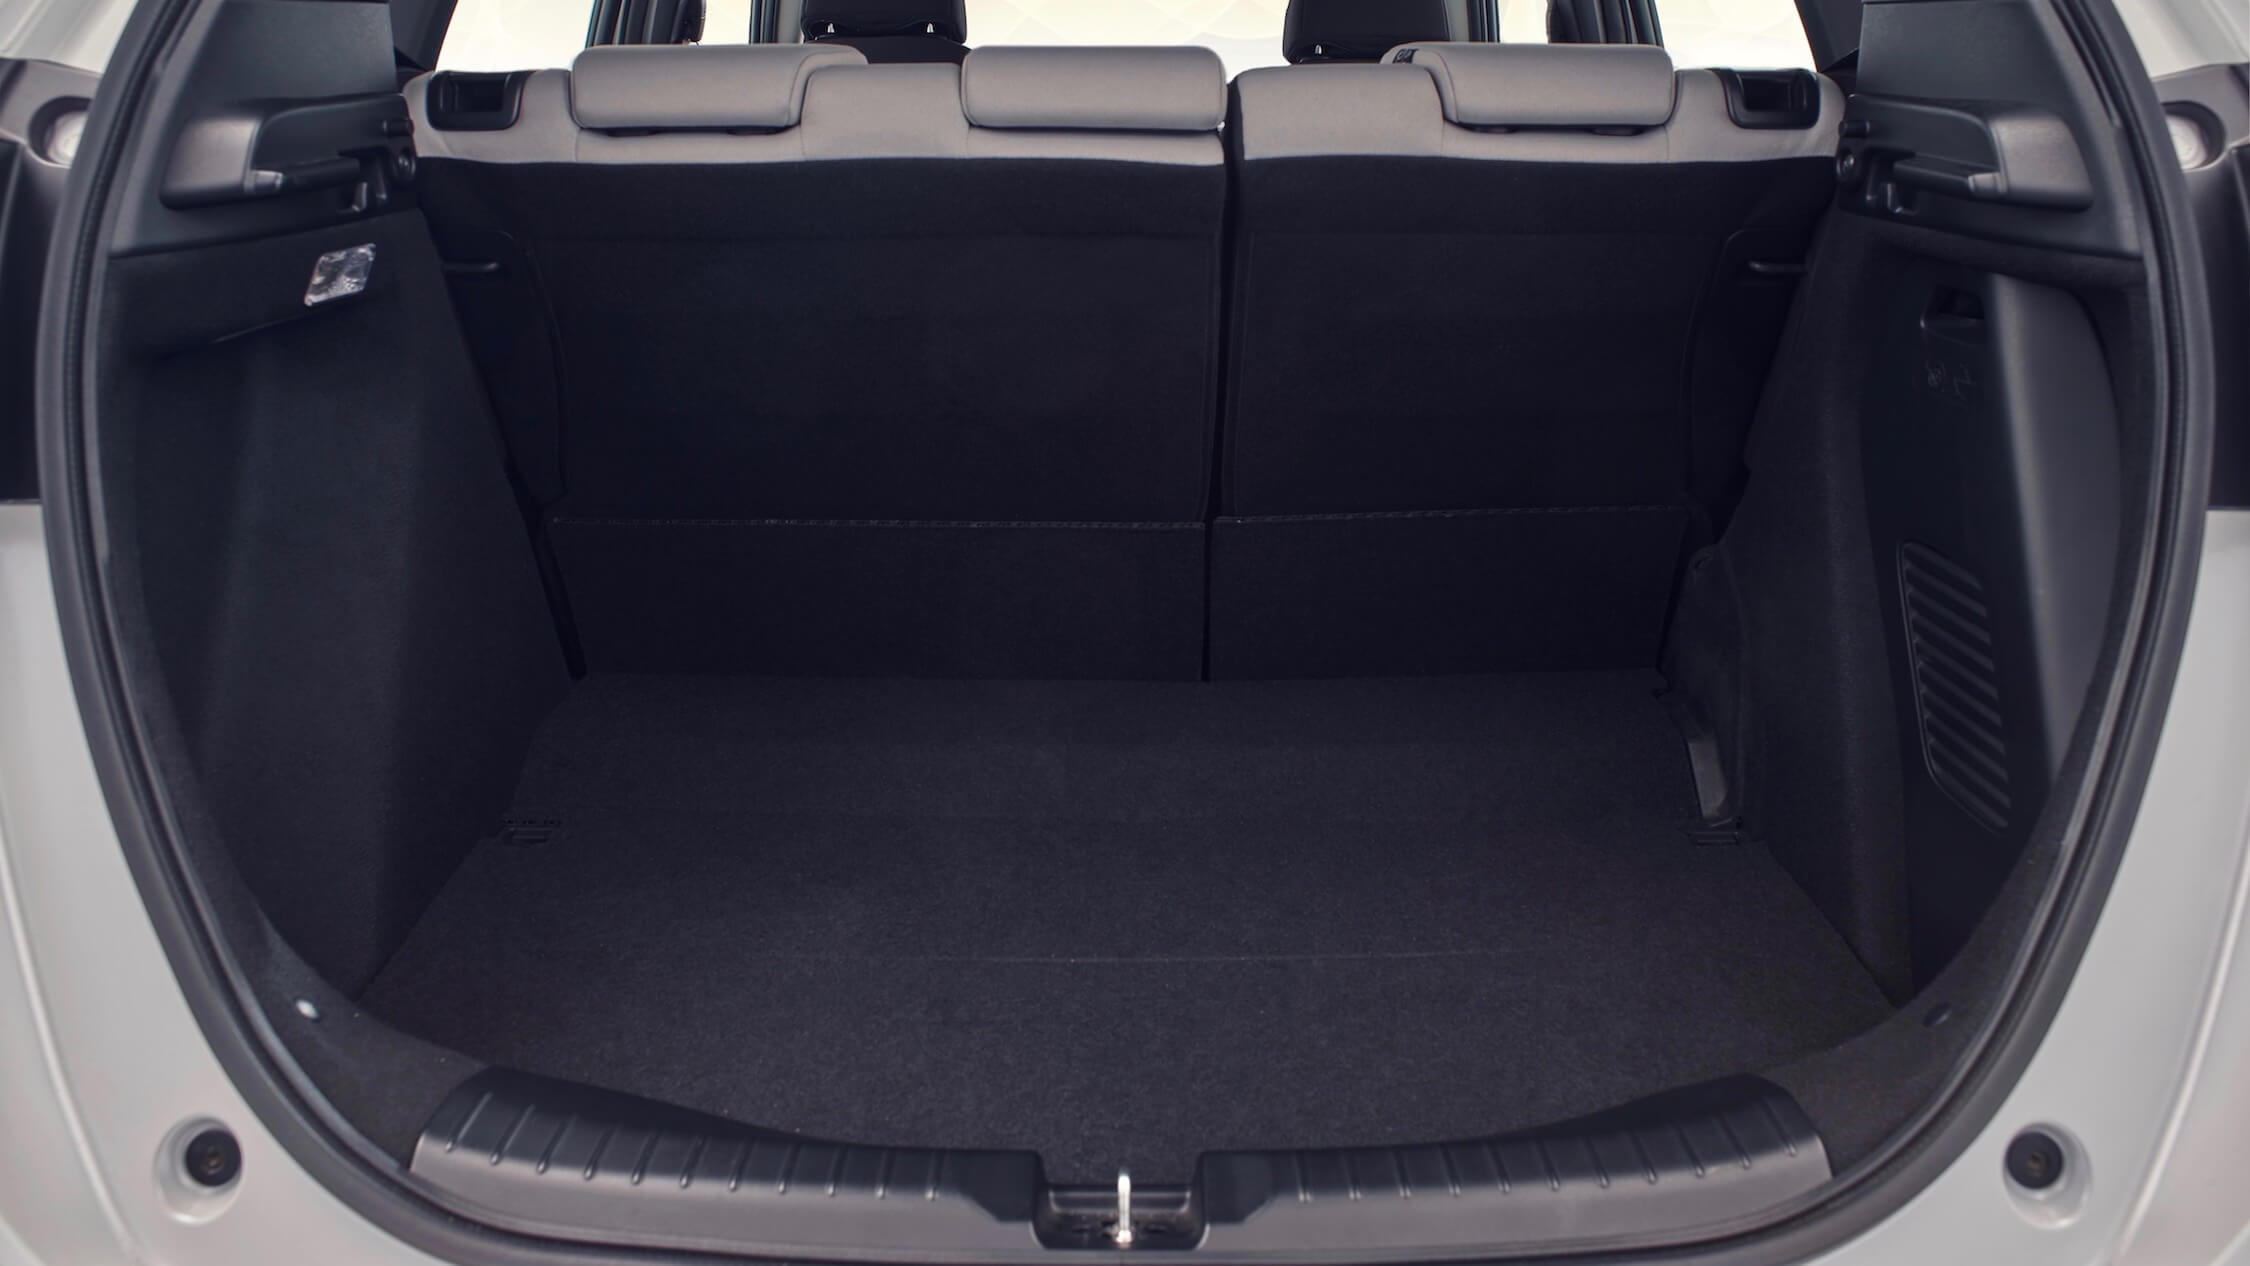 Honda Jazz porta-bagagens